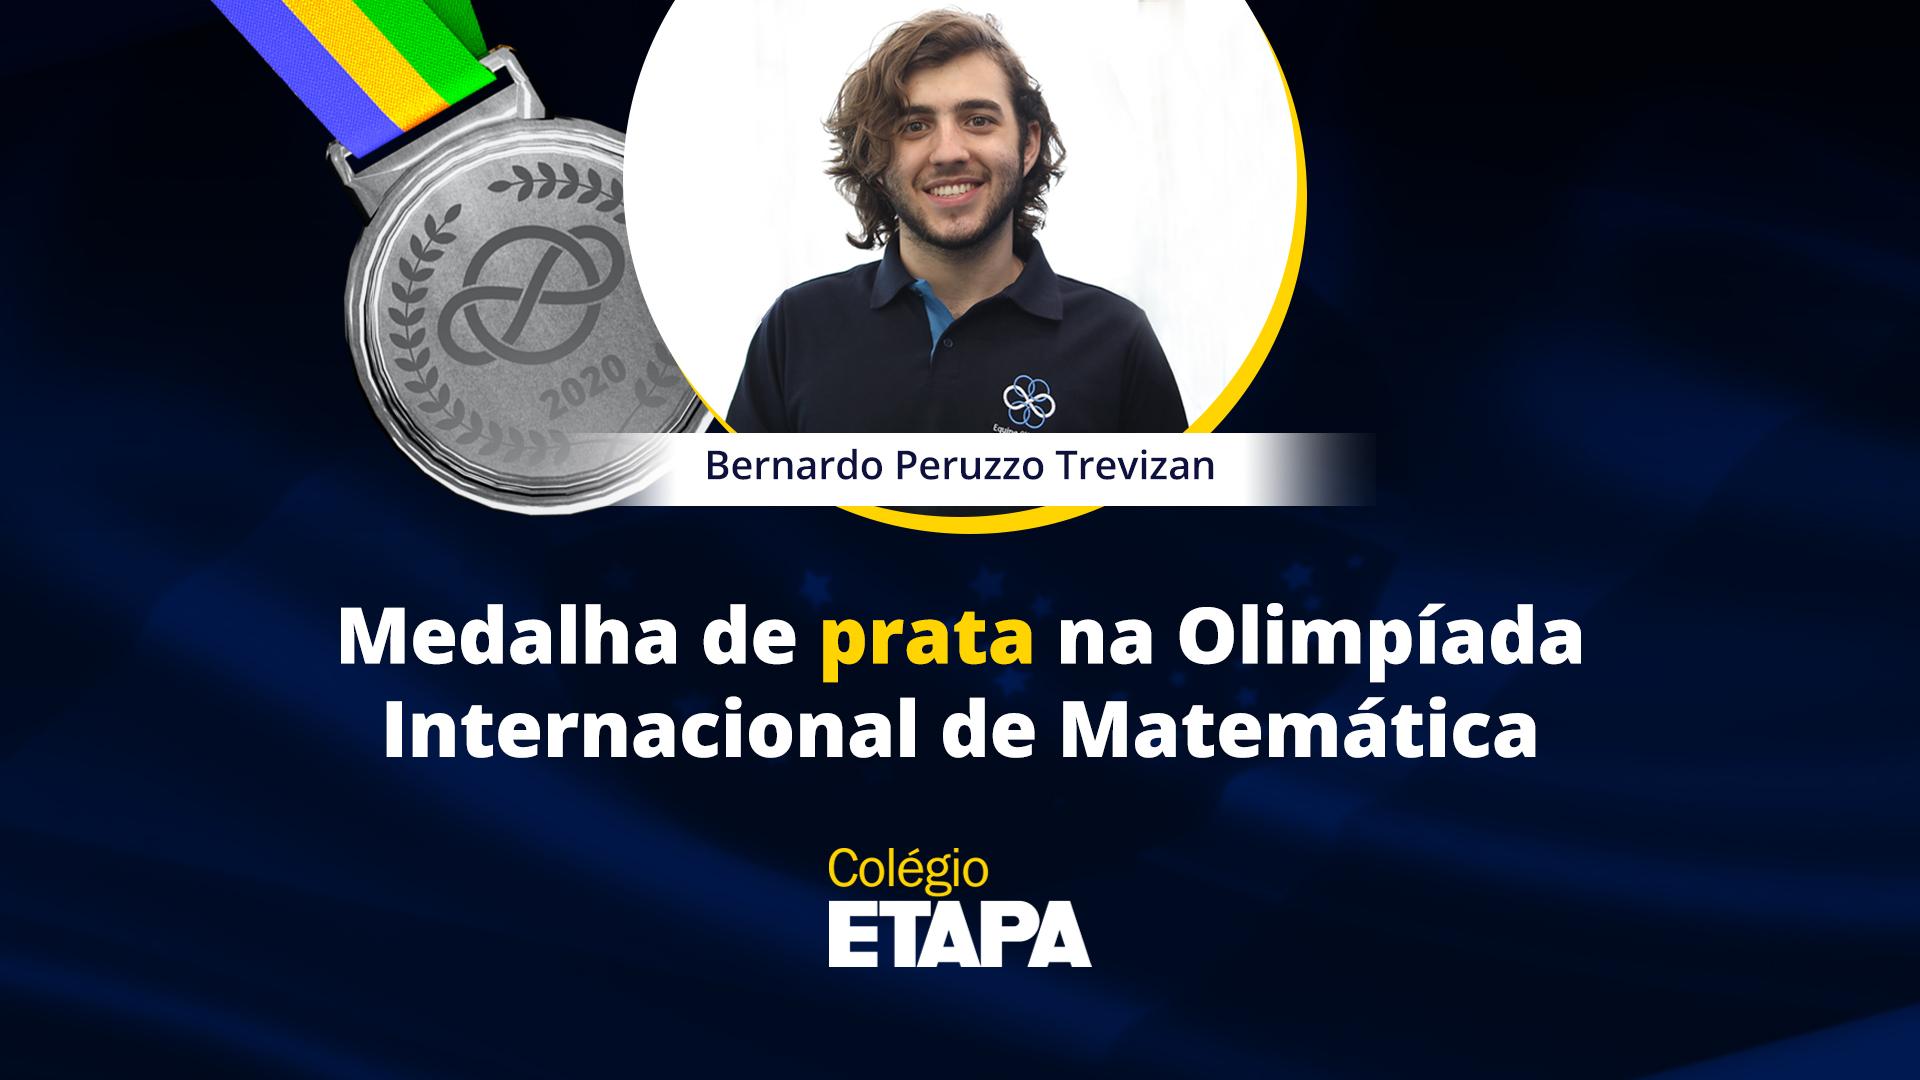 Aluno do Etapa é premiado na Olimpíada Internacional de Matemática